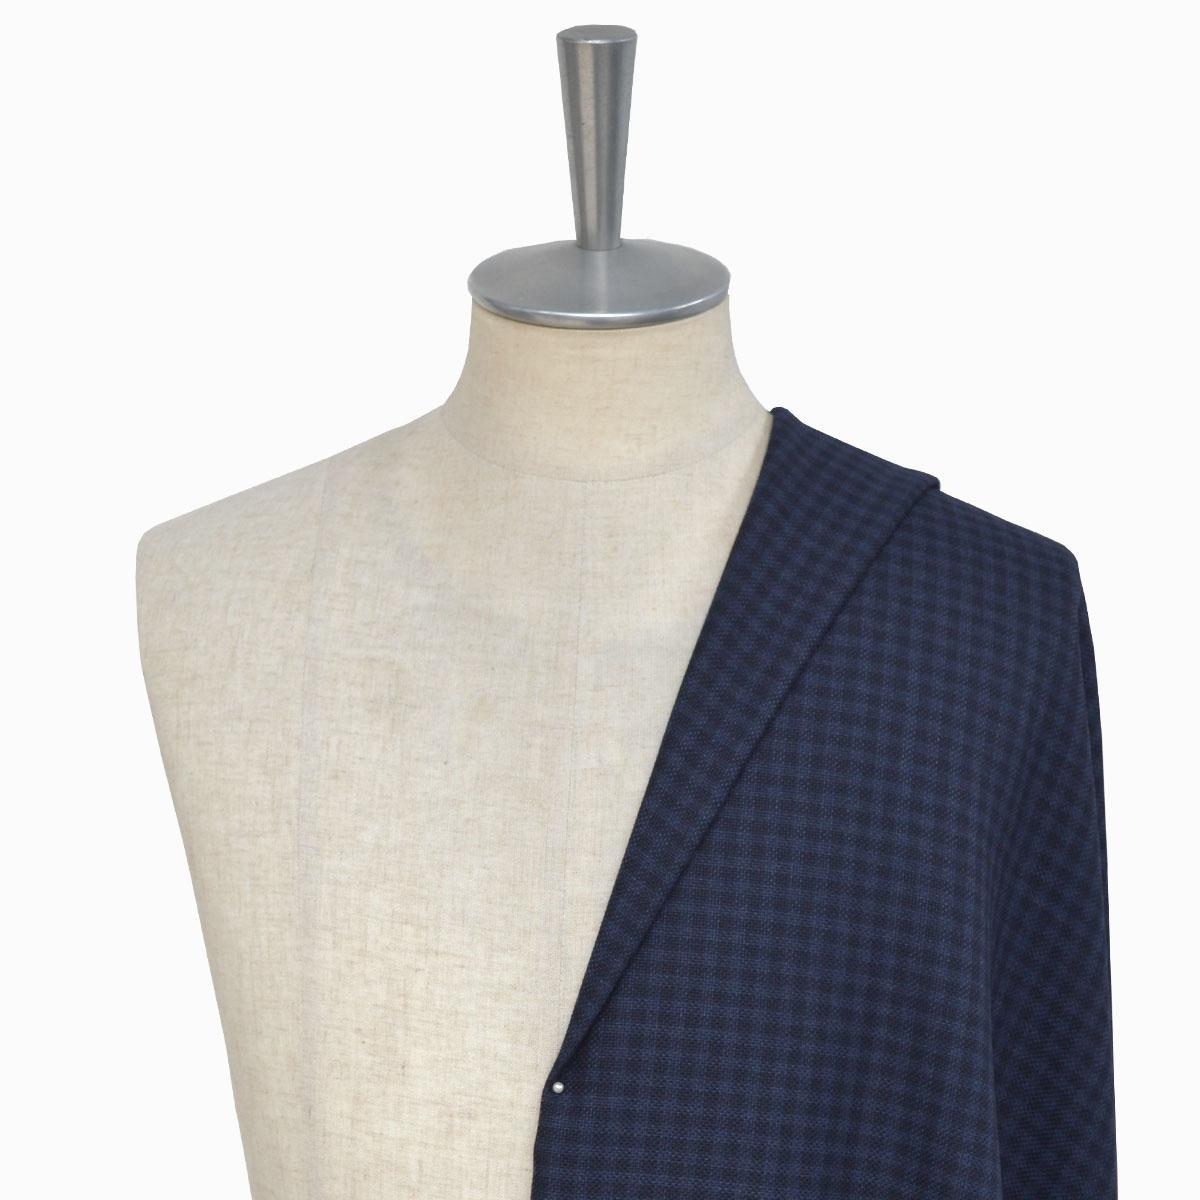 [オーダーレディーススーツ スカートセット]お洒落なアナタへ着て頂きたい一着